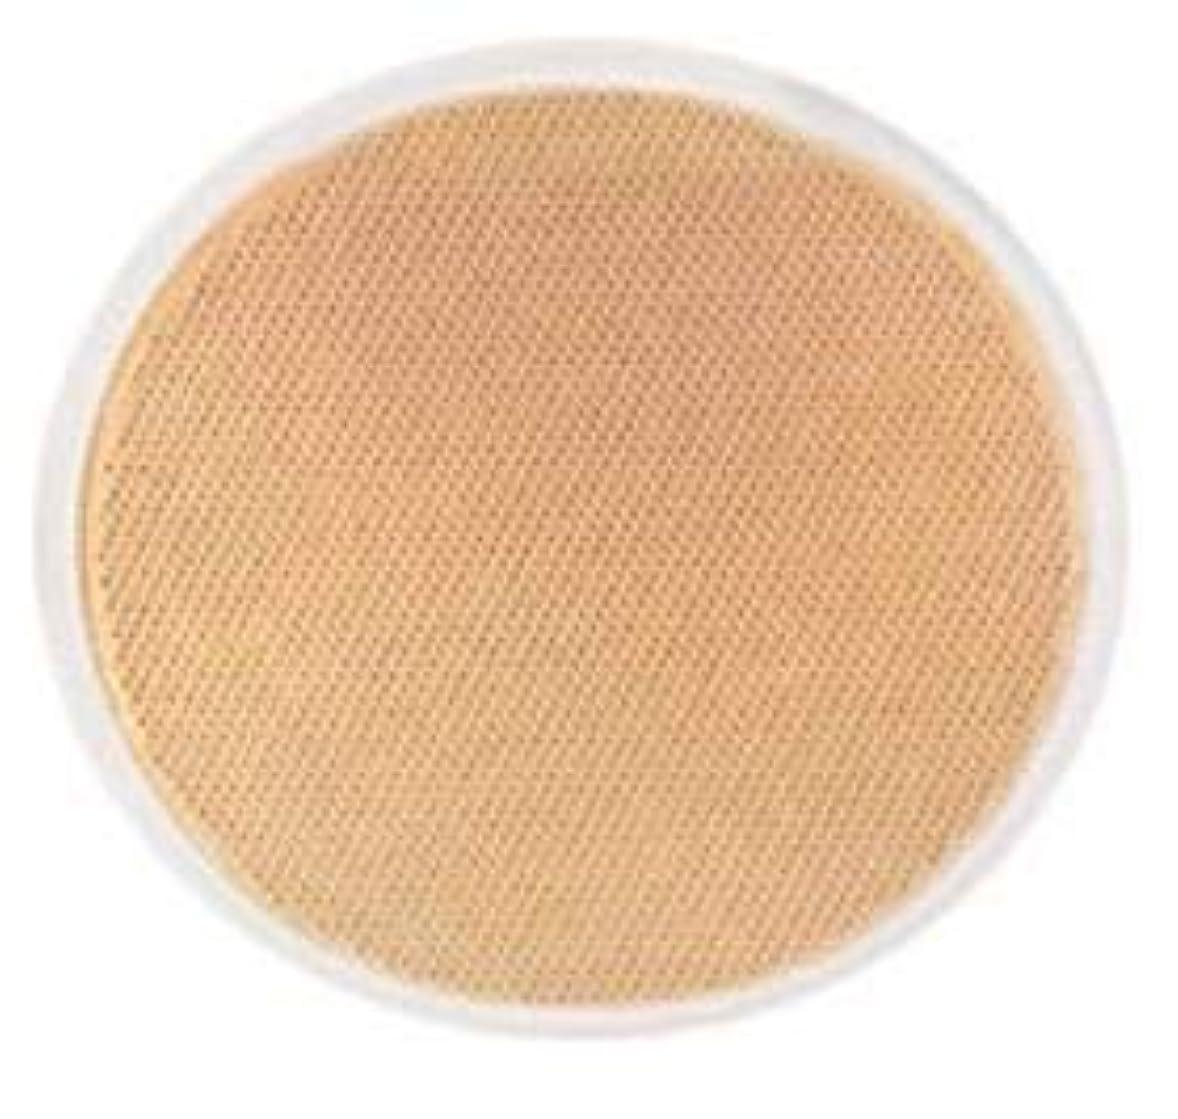 うま織機アレルギーコスメデコルテ ラクチュール ルースファンデーション N<303>(レフィルのみ)